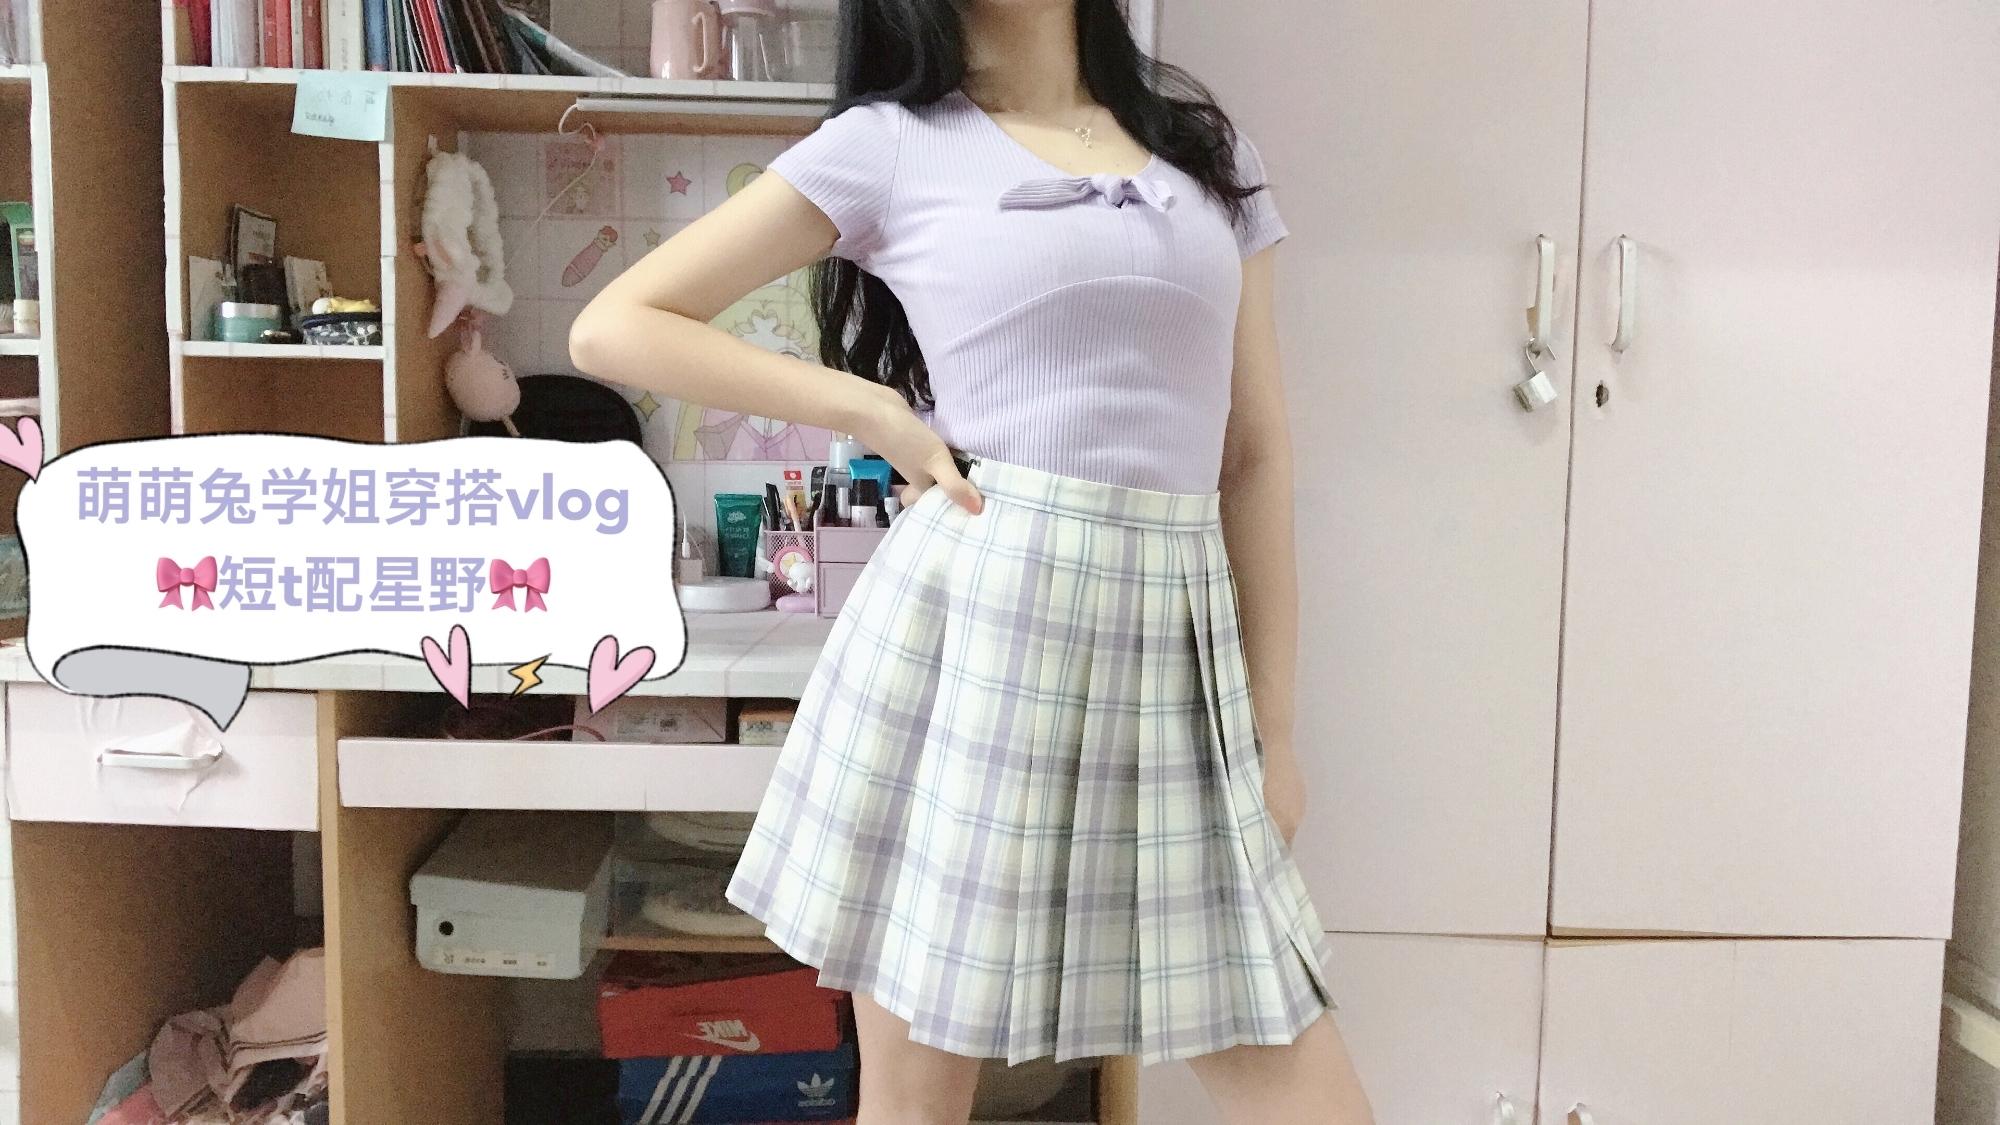 【超A新生计划】萌萌兔学姐的校园日常穿搭:短T配星野,星野太适合夏天了吧